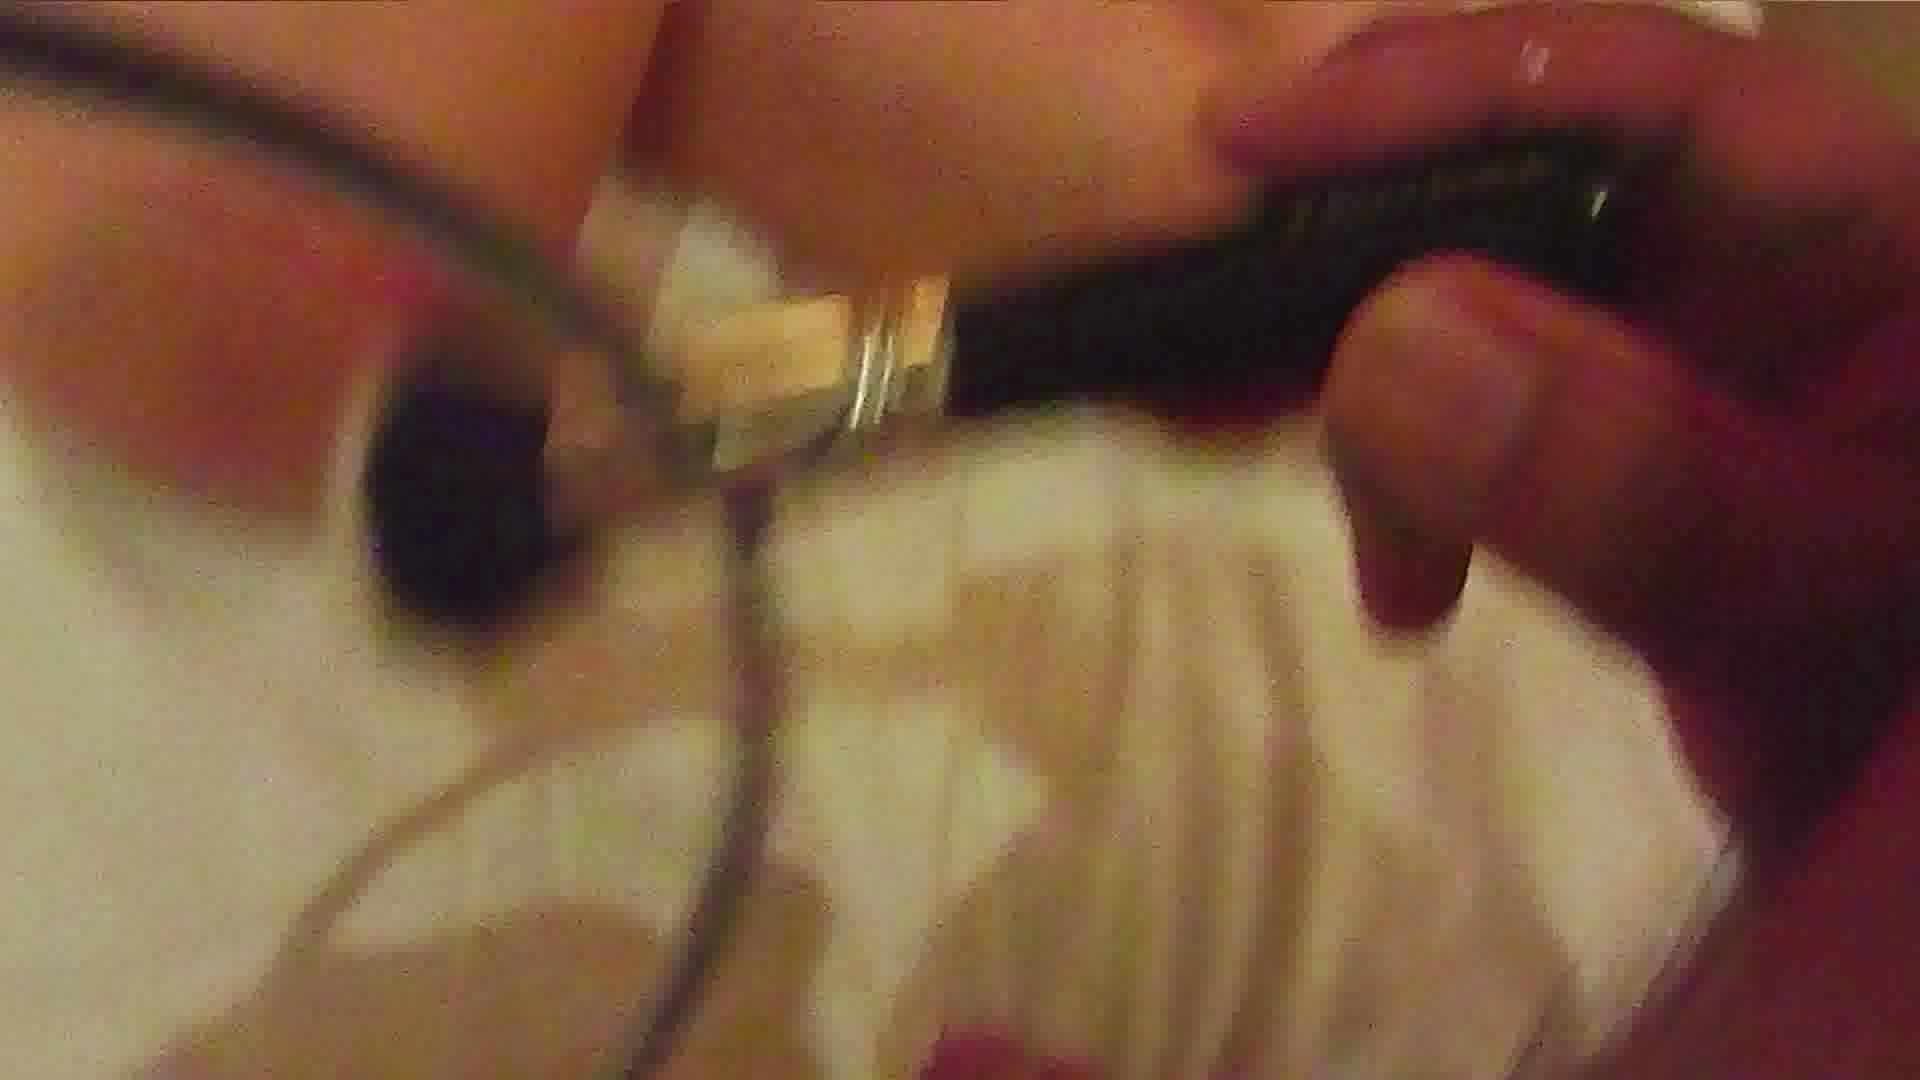 無修正エロ動画:vol.1 超美乳の18歳の咲月ちゃん!TKSさんはどう攻めるのか見ものです。:大奥